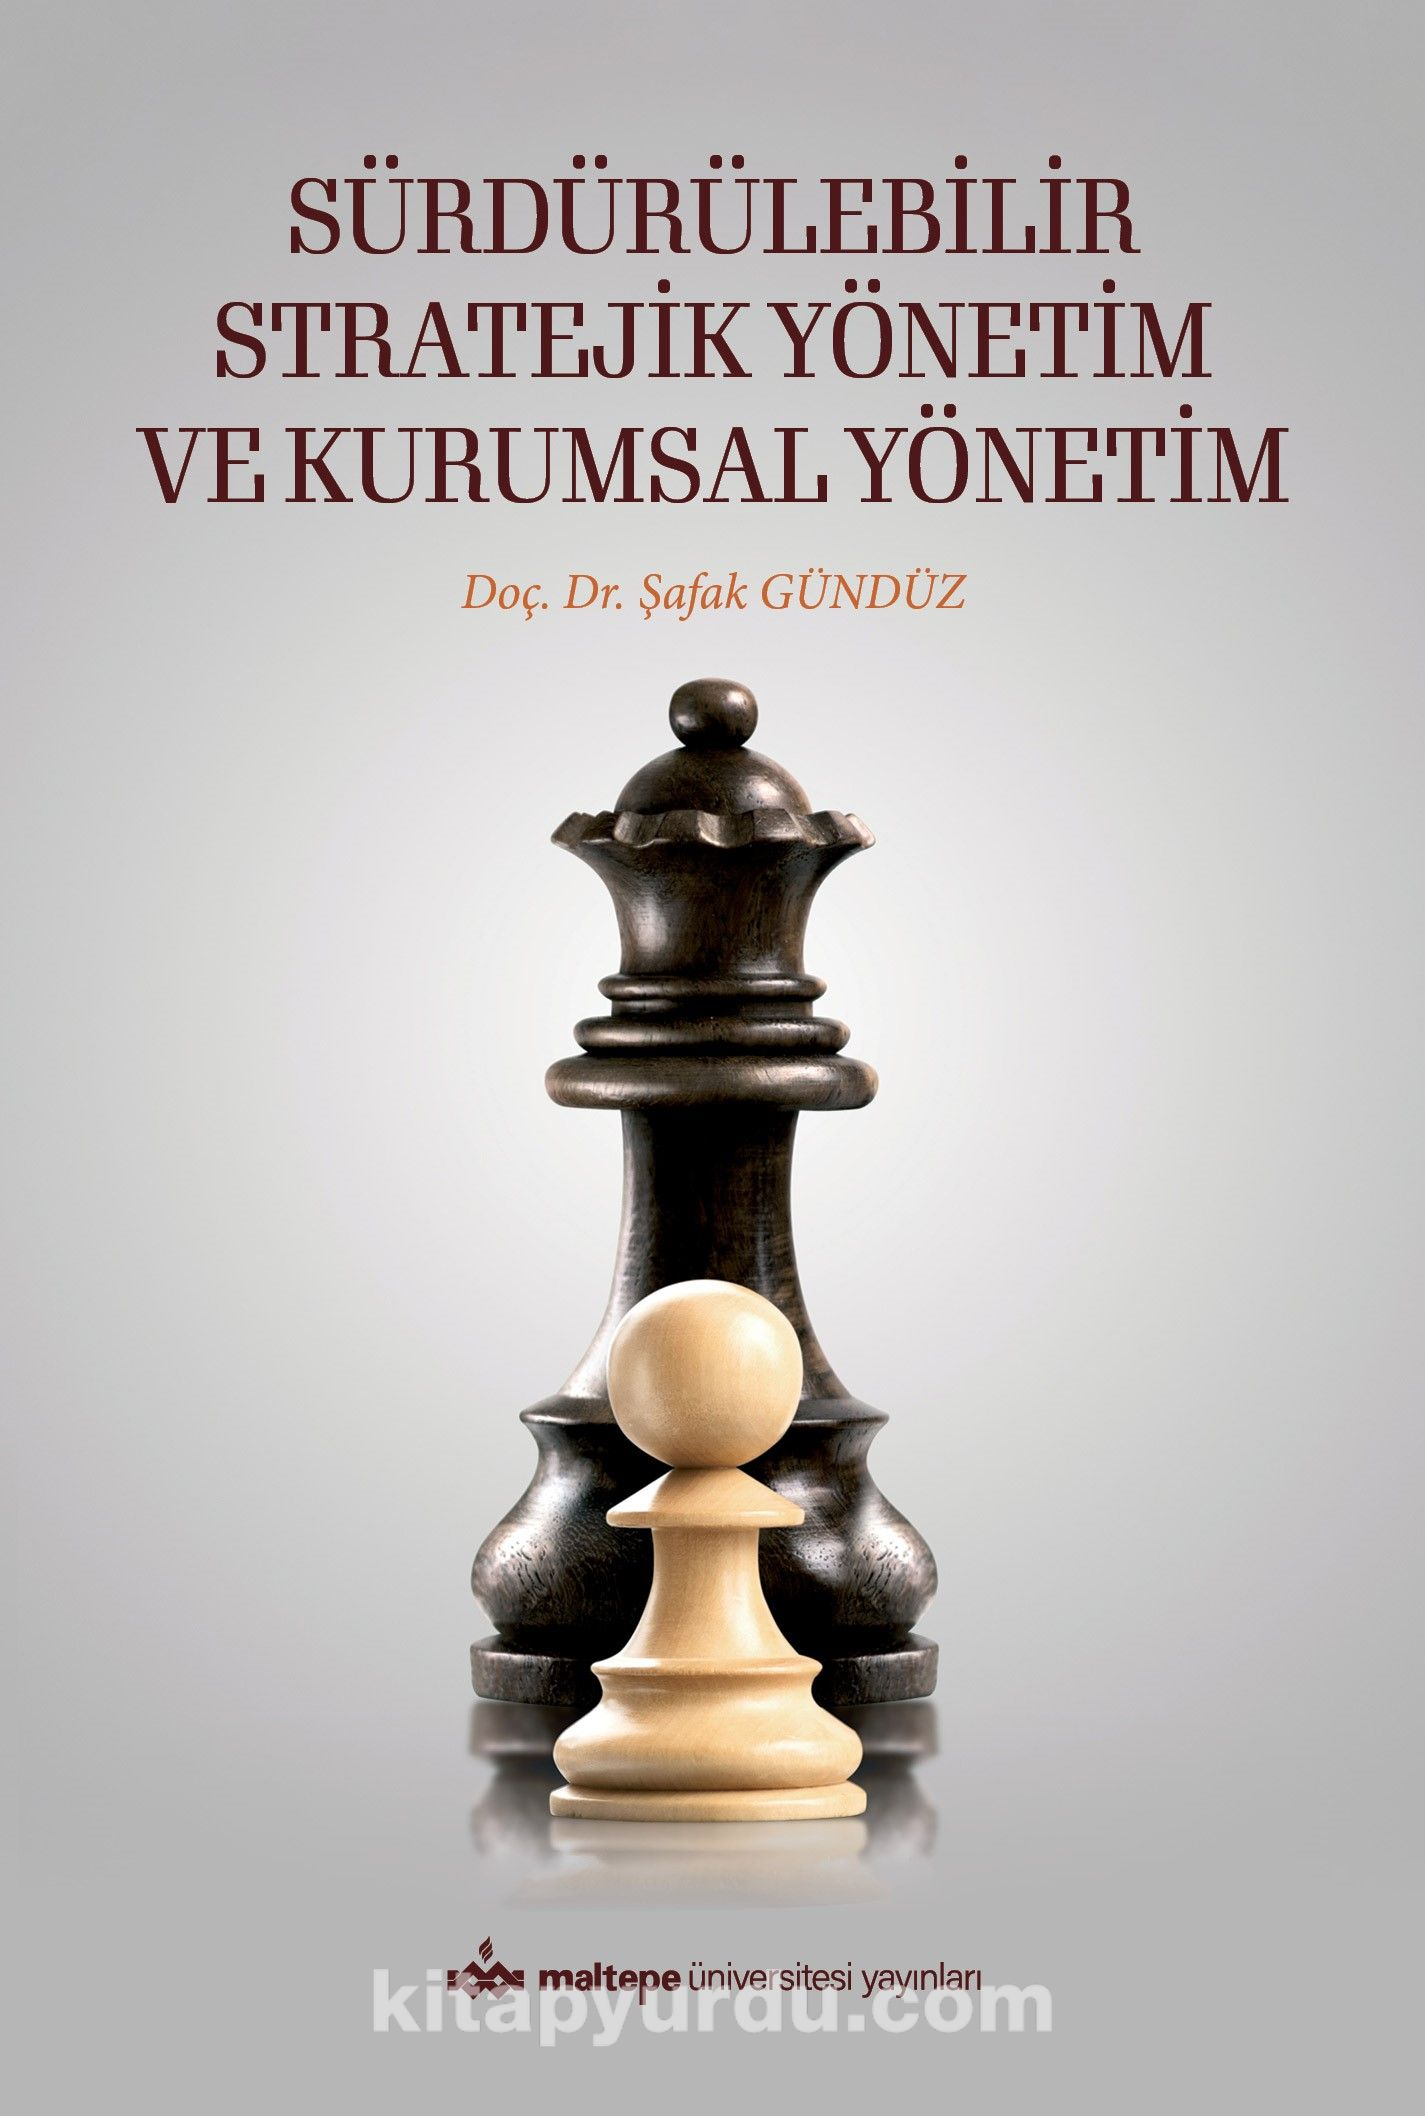 Sürdürülebilir Stratejik Yönetim ve Kurumsal Yönetim PDF Kitap İndir